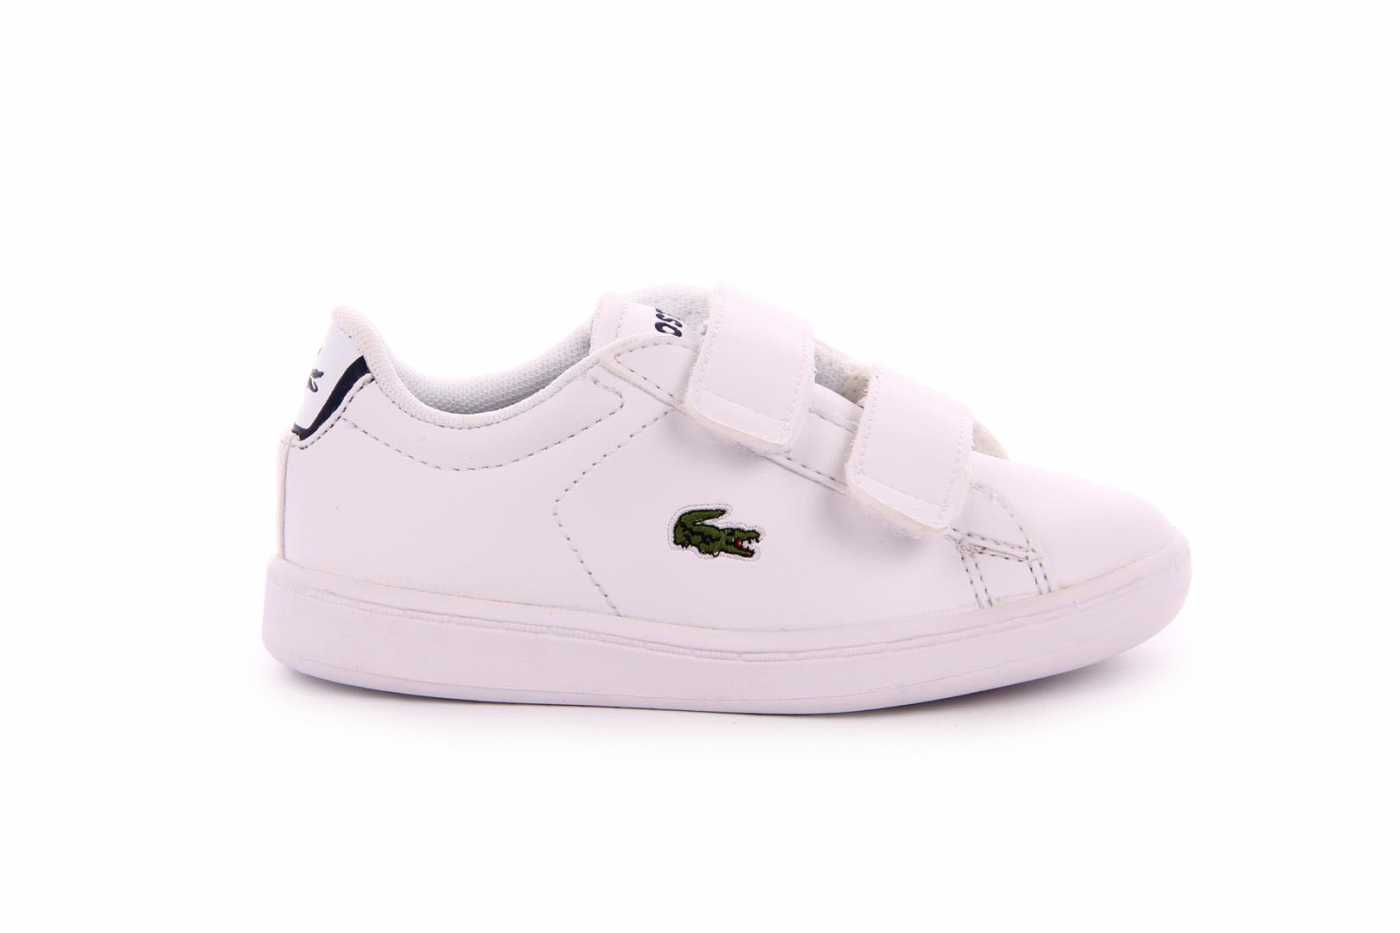 Comprar zapato tipo JOVEN NIÑO estilo DEPORTIVO COLOR BLANCO PIEL ... 1ff0cce6db